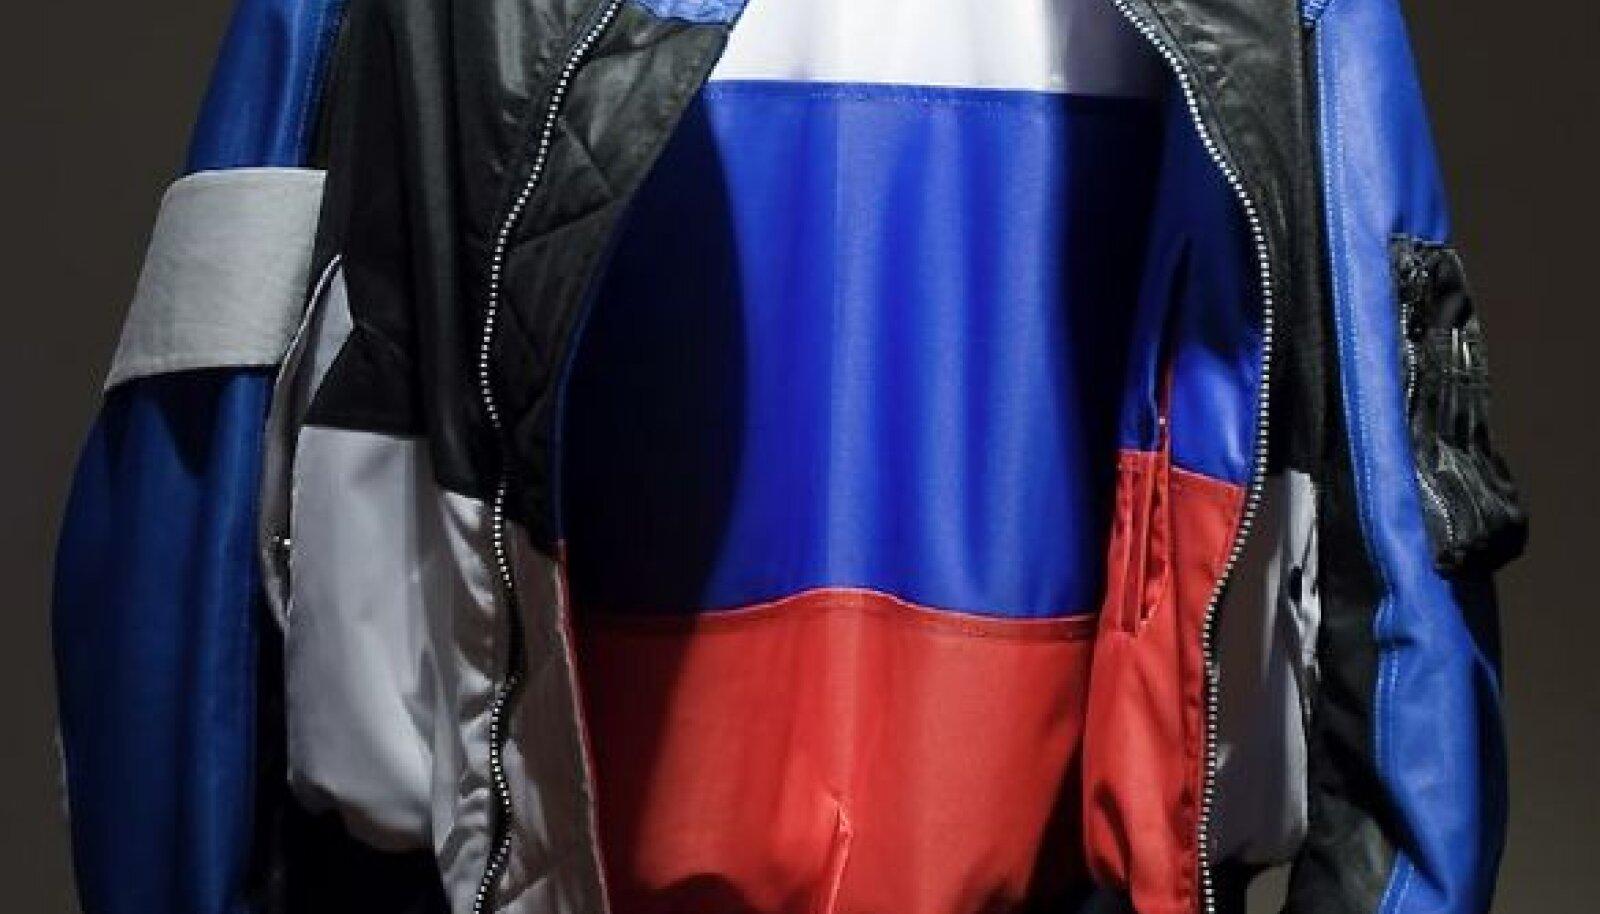 """ÄRGEM UNUSTAGEM: Putini-Medvedevi Venemaa ei ole kommunistlik, vaid läbinisti kapitalistlik ja rahvuslik totaalriik. Fotol Soome kunstnik John Philip Mäkineni pronksiööst inspireeritud teos """"Children of the Revolution"""" (2007)."""